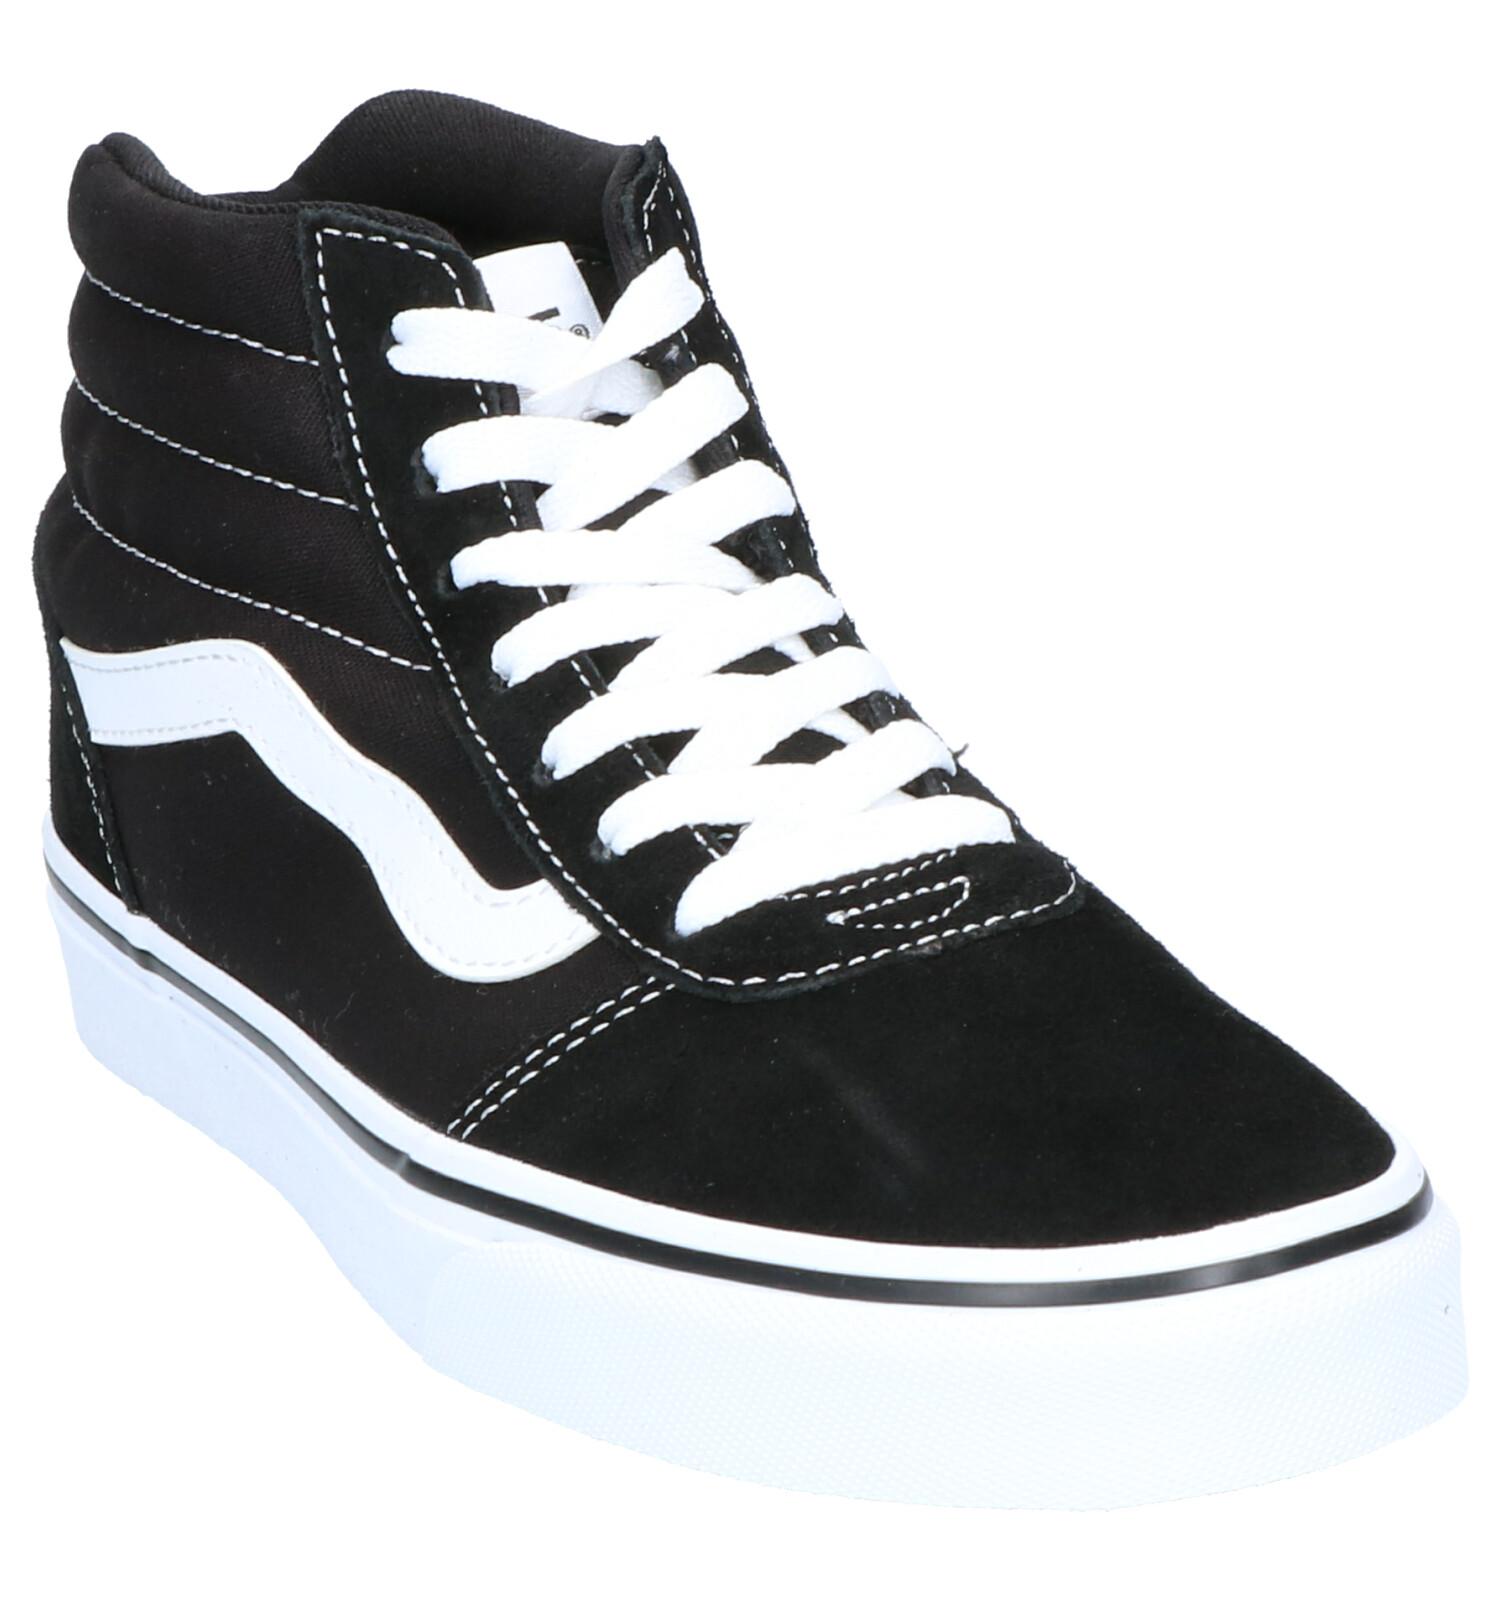 Ward Hi Skateschoenen Zwarte Vans Vans c3FuTK1lJ